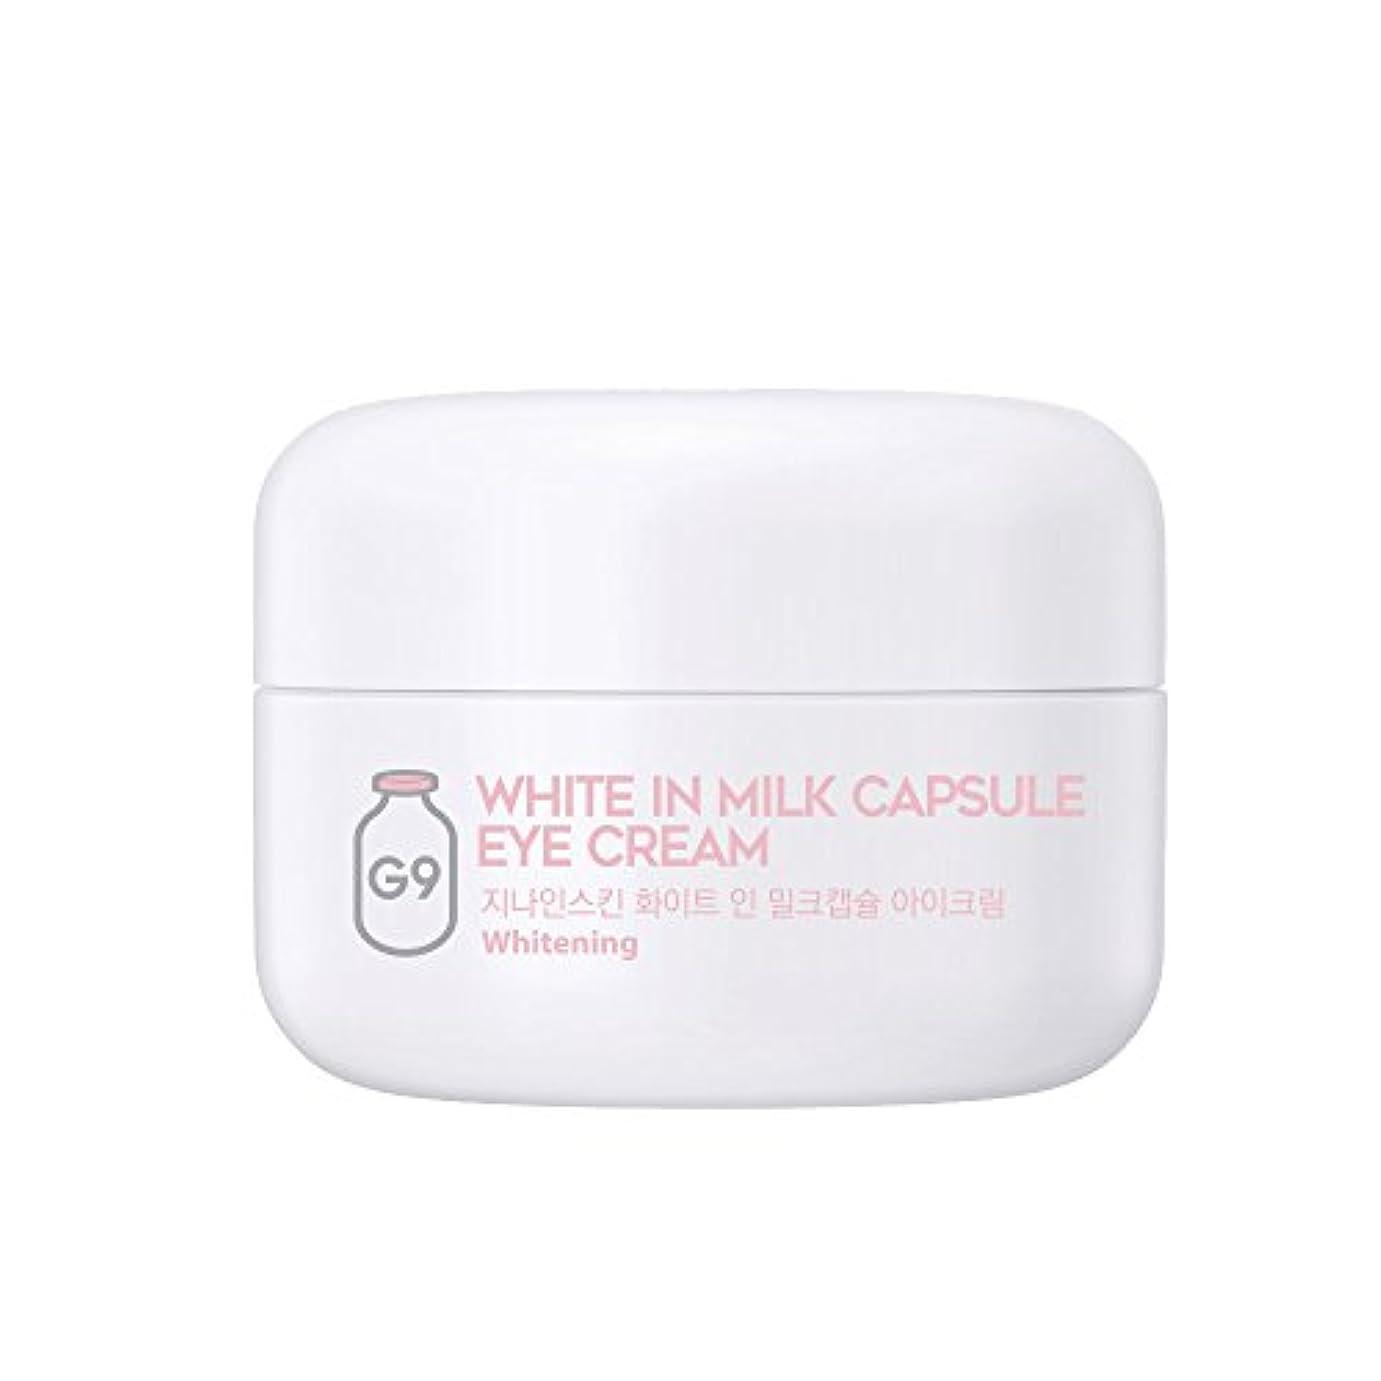 魅惑する教育学ぬいぐるみG9SKIN(ベリサム) White In Milk Capsule Eye Cream ホワイトインミルクカプセルアイクリーム 30g